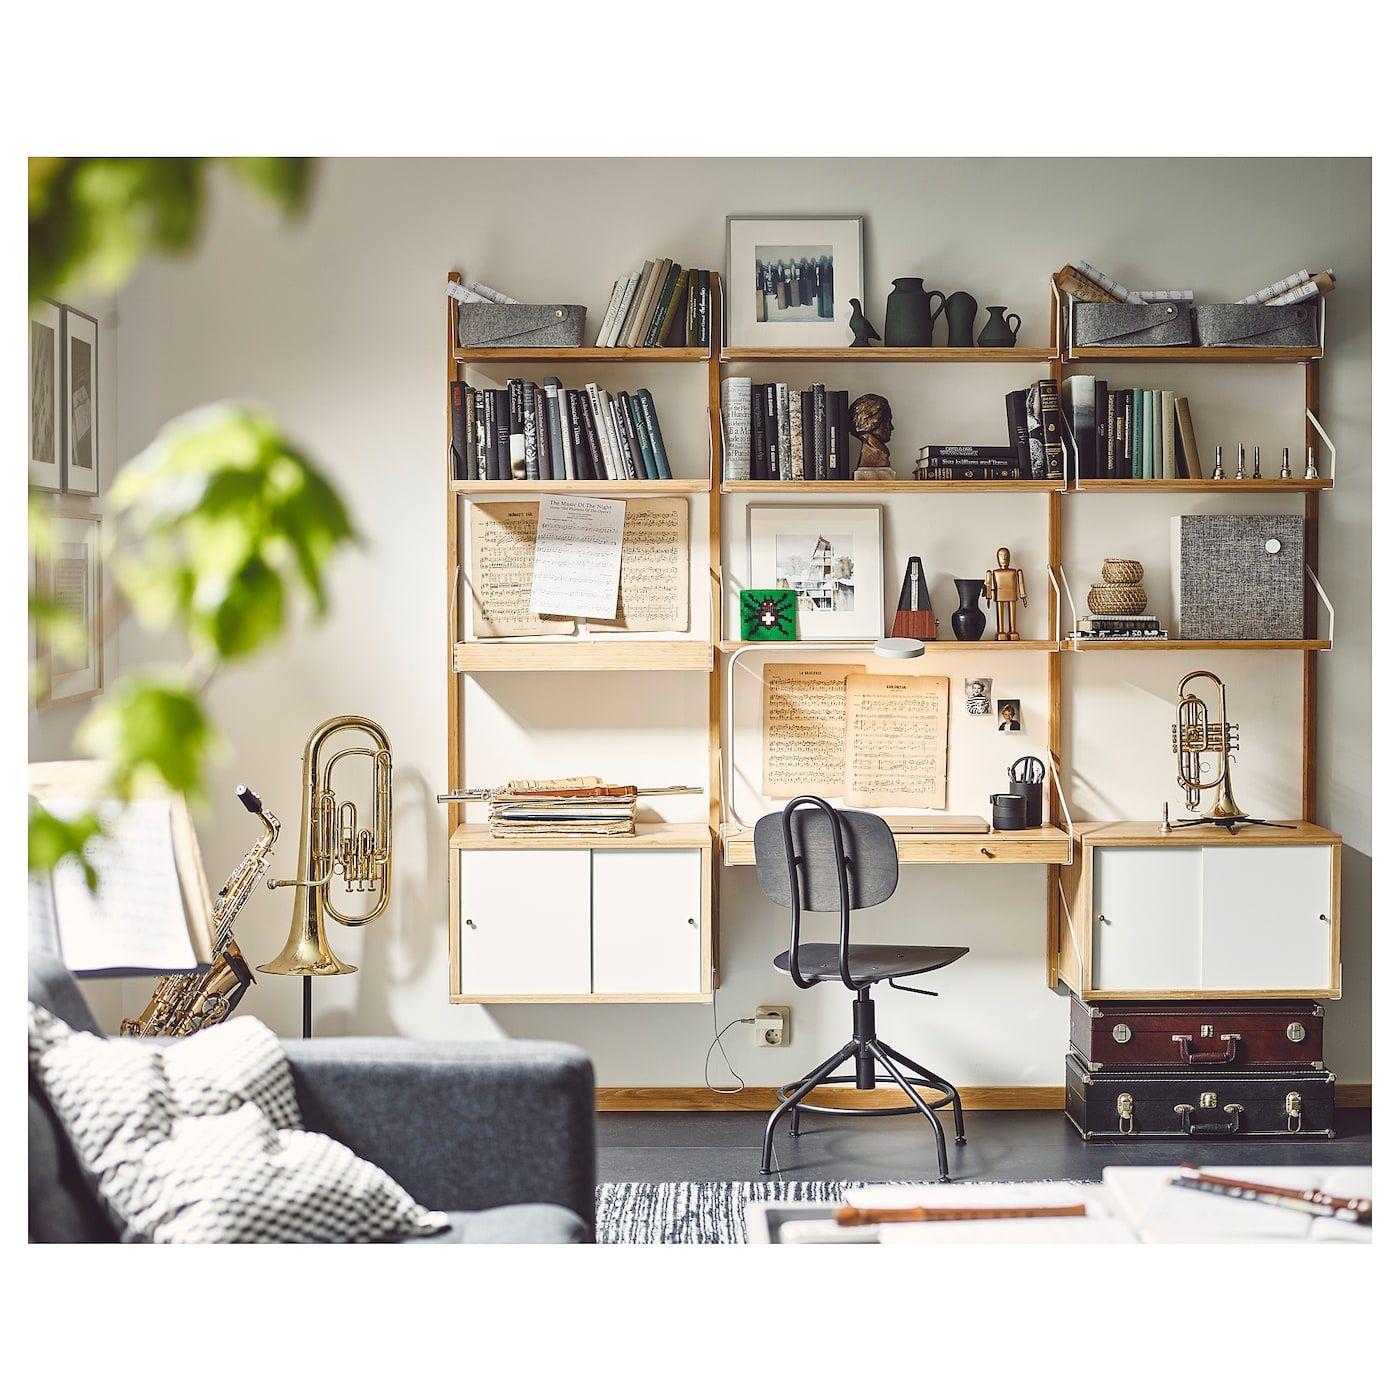 Meubles Et Articles D Ameublement Inspirez Vous Ikea Svalnas Home Furnishings Home Decor